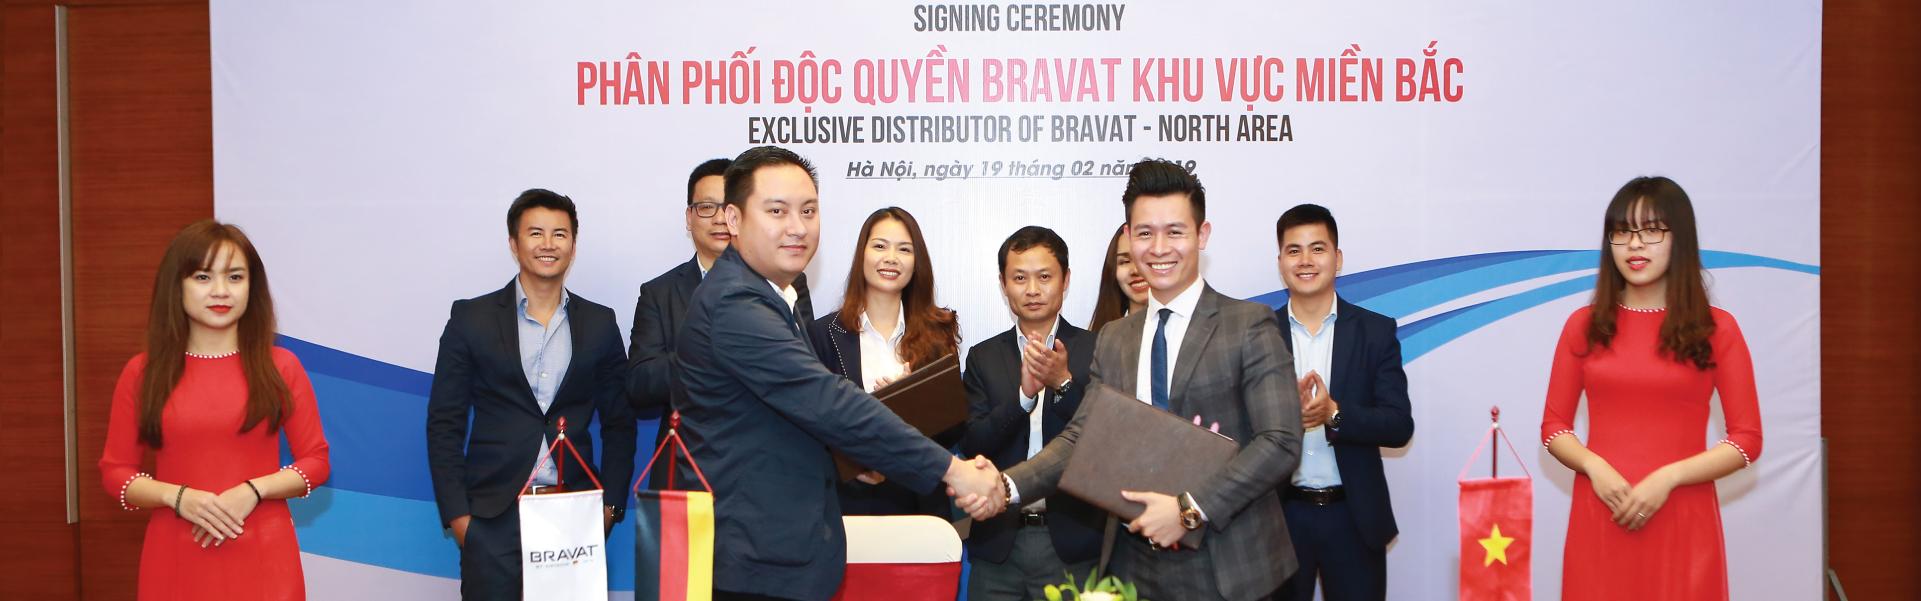 Bravat miền bắc phân phối độc quyền thiết bị vệ sinh Bravat